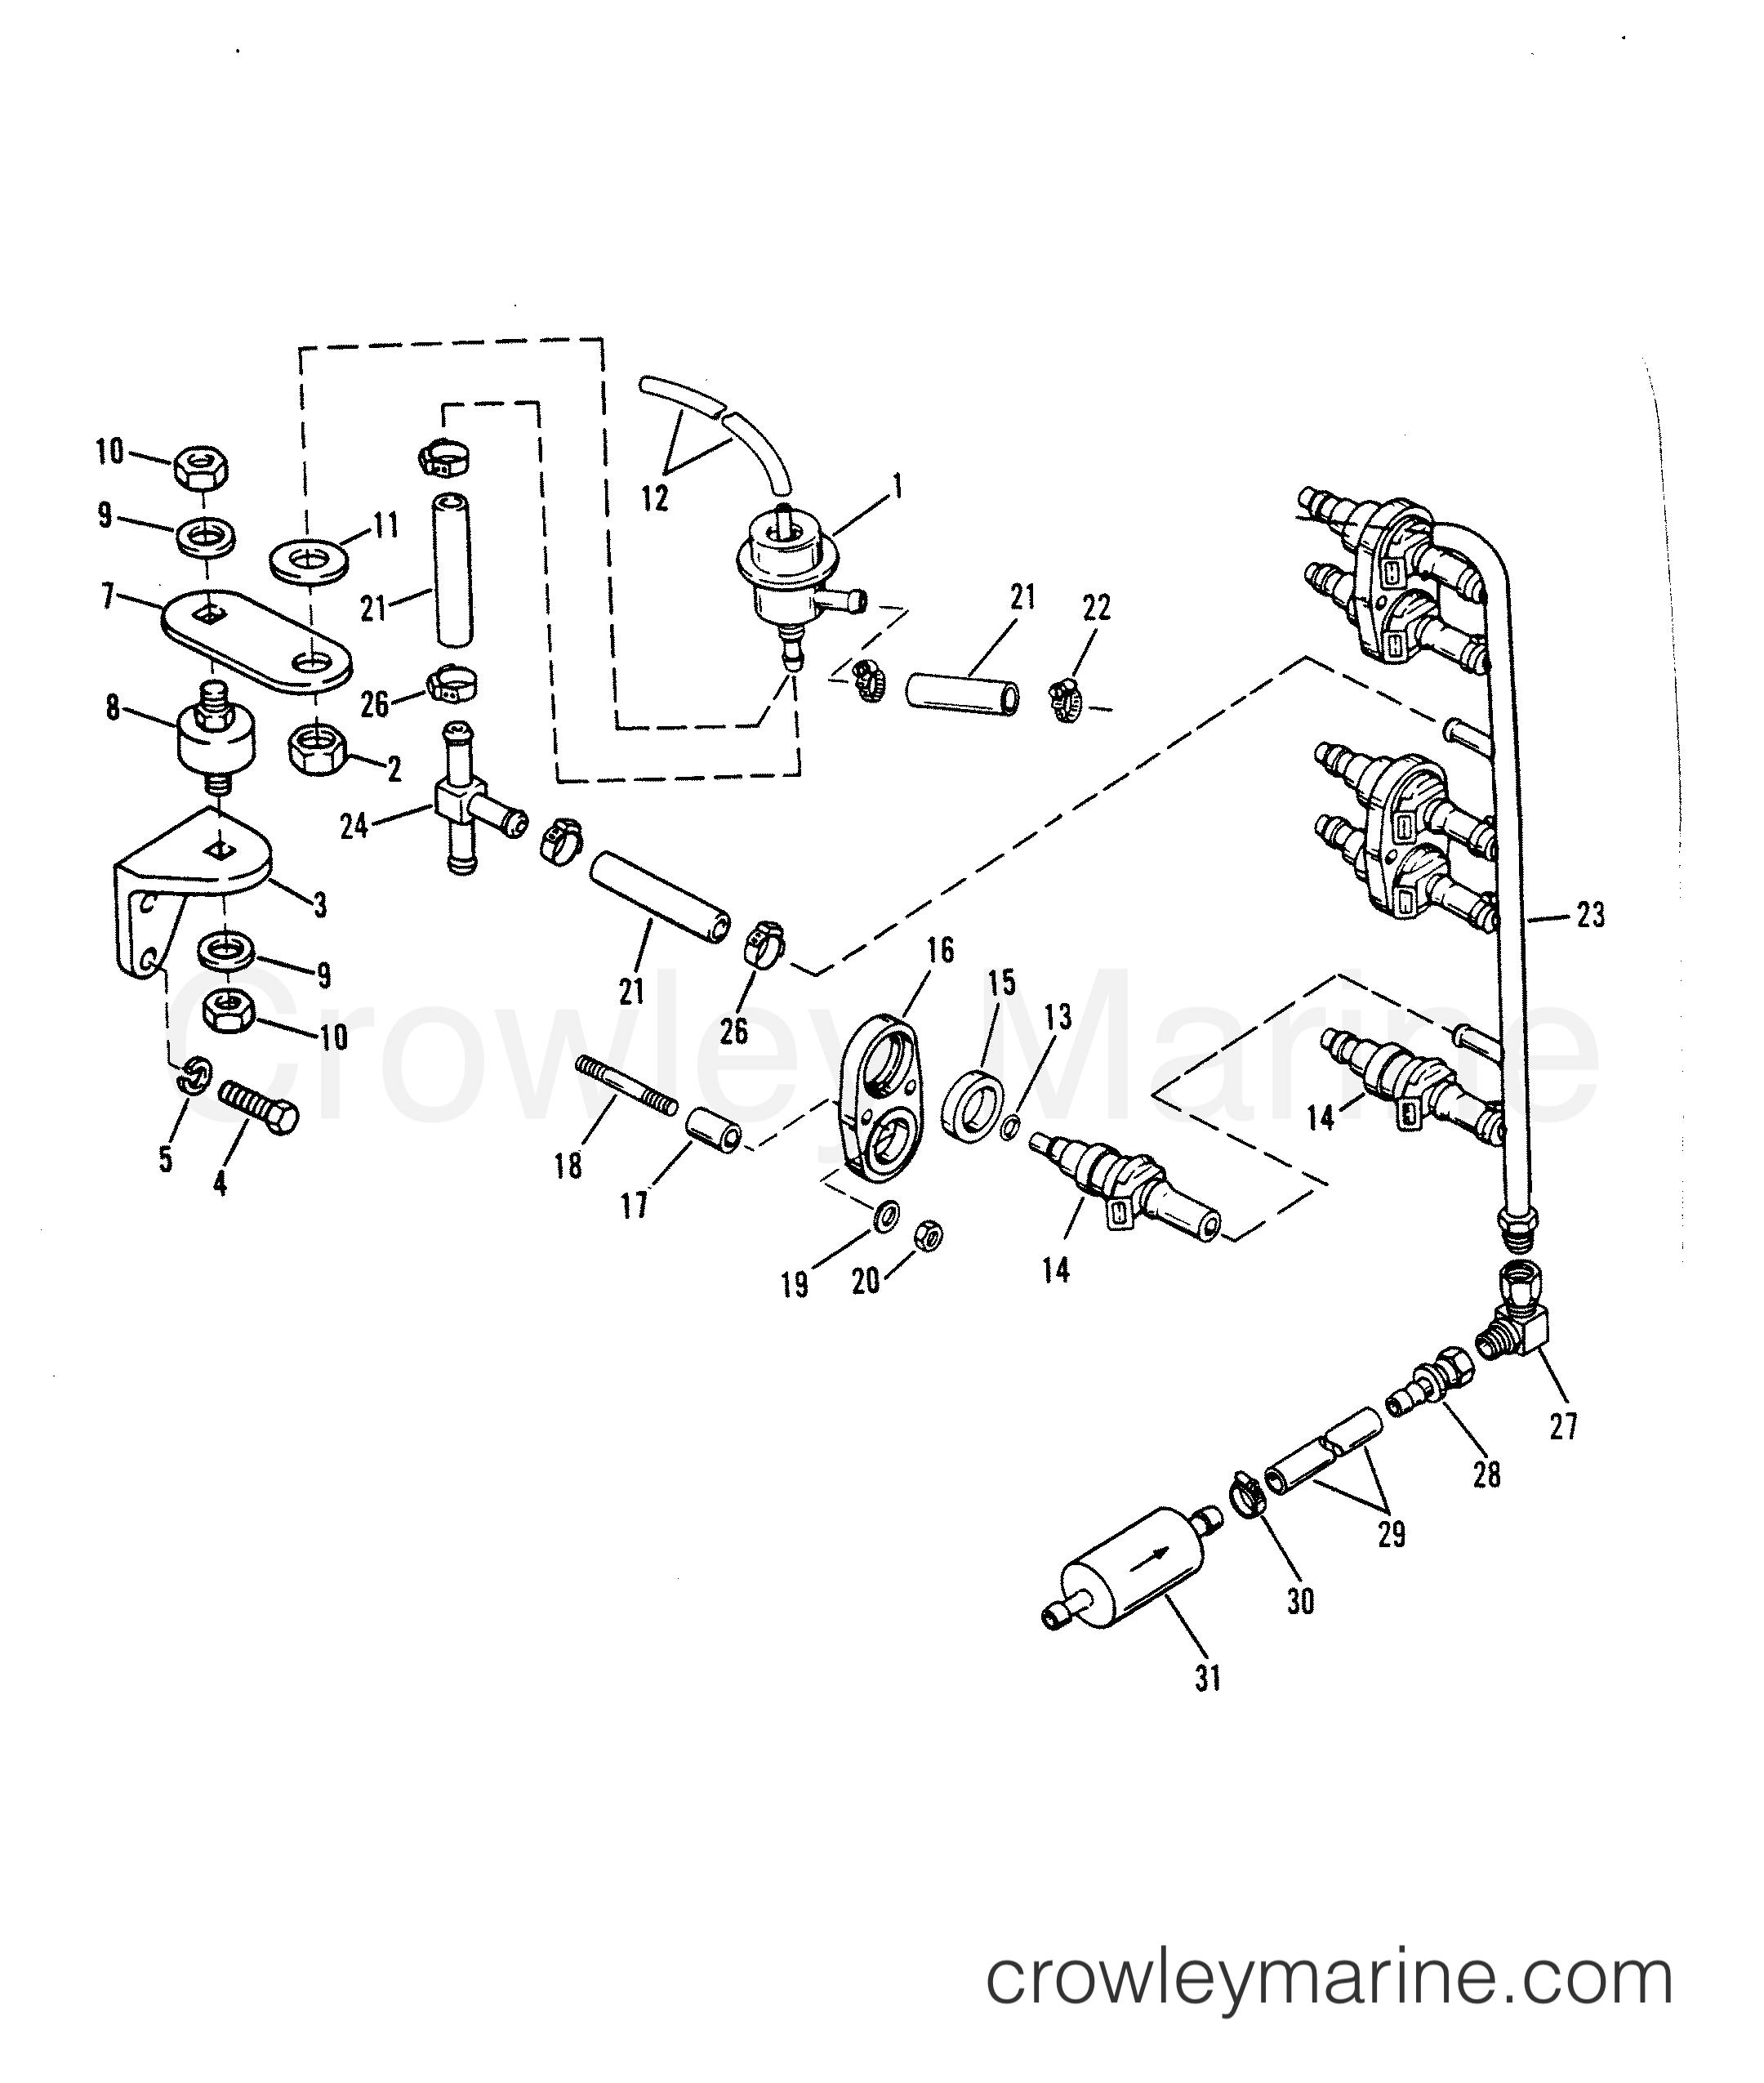 1993 Hors-bord de course Mercury 2.5 [L EFI] - 7925211BH INJECTEURS DE CARBURANT section